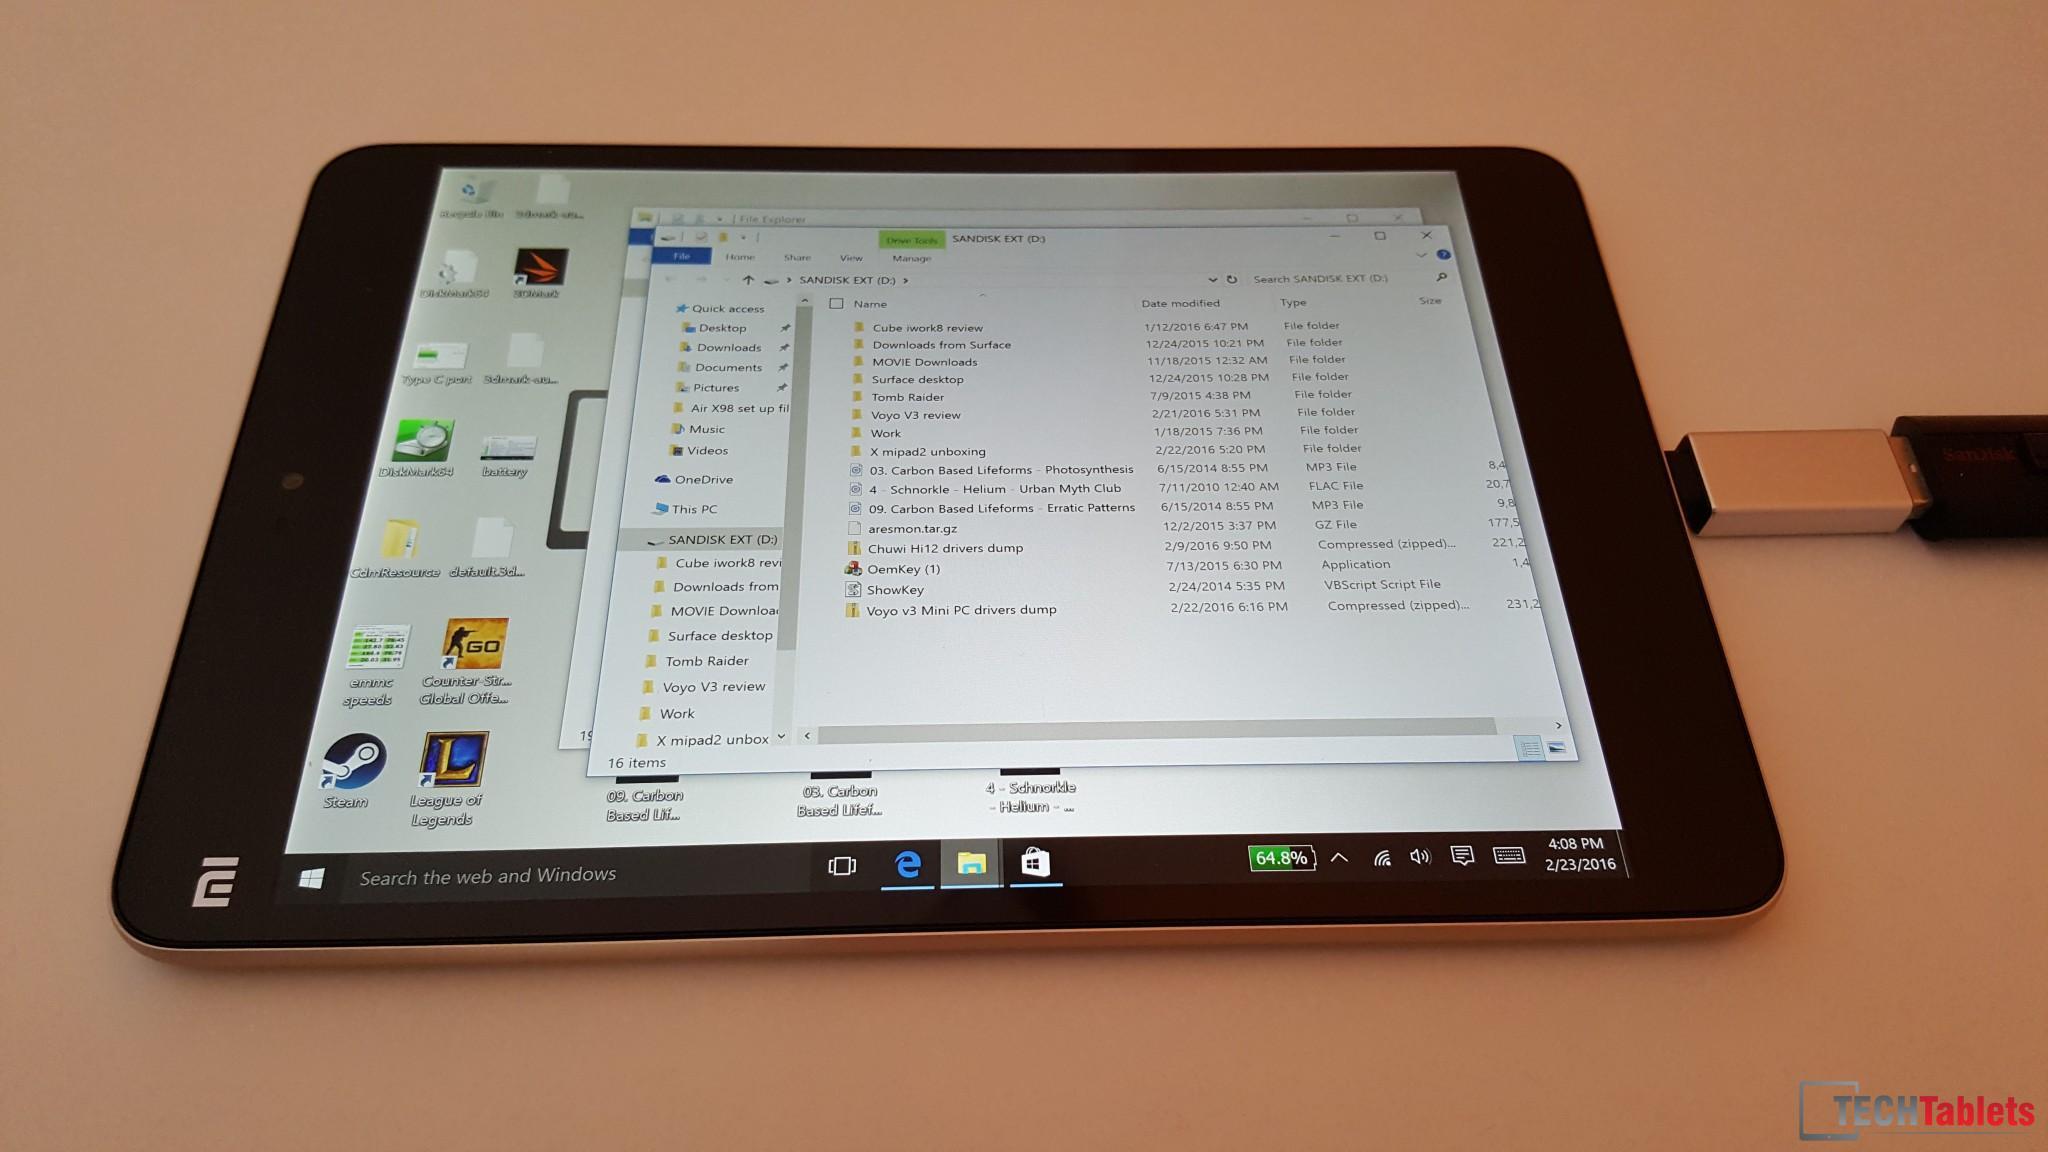 Xiaomi Mi Pad 2 - TechTablets